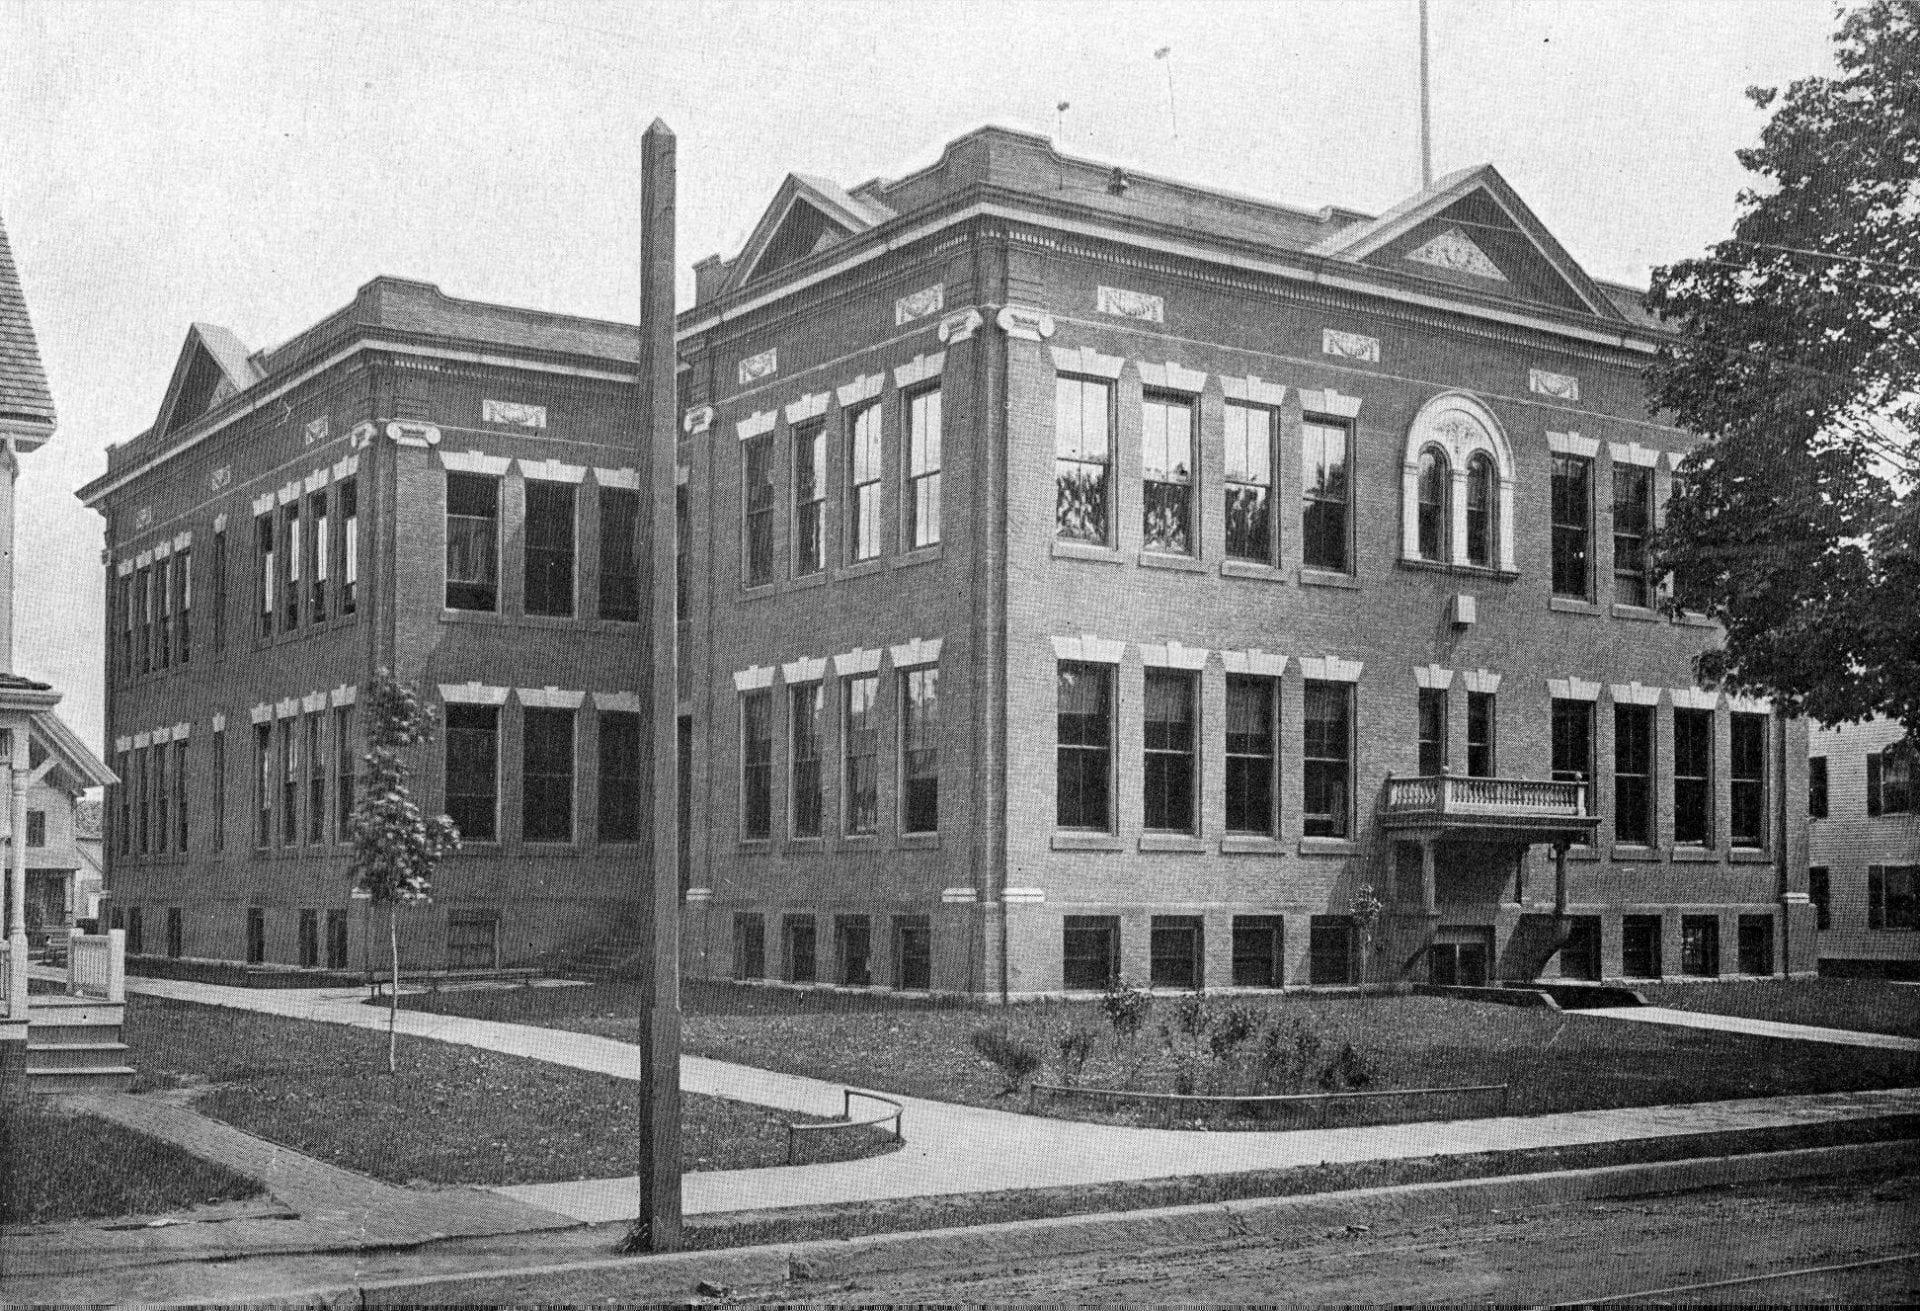 carew st school 1905